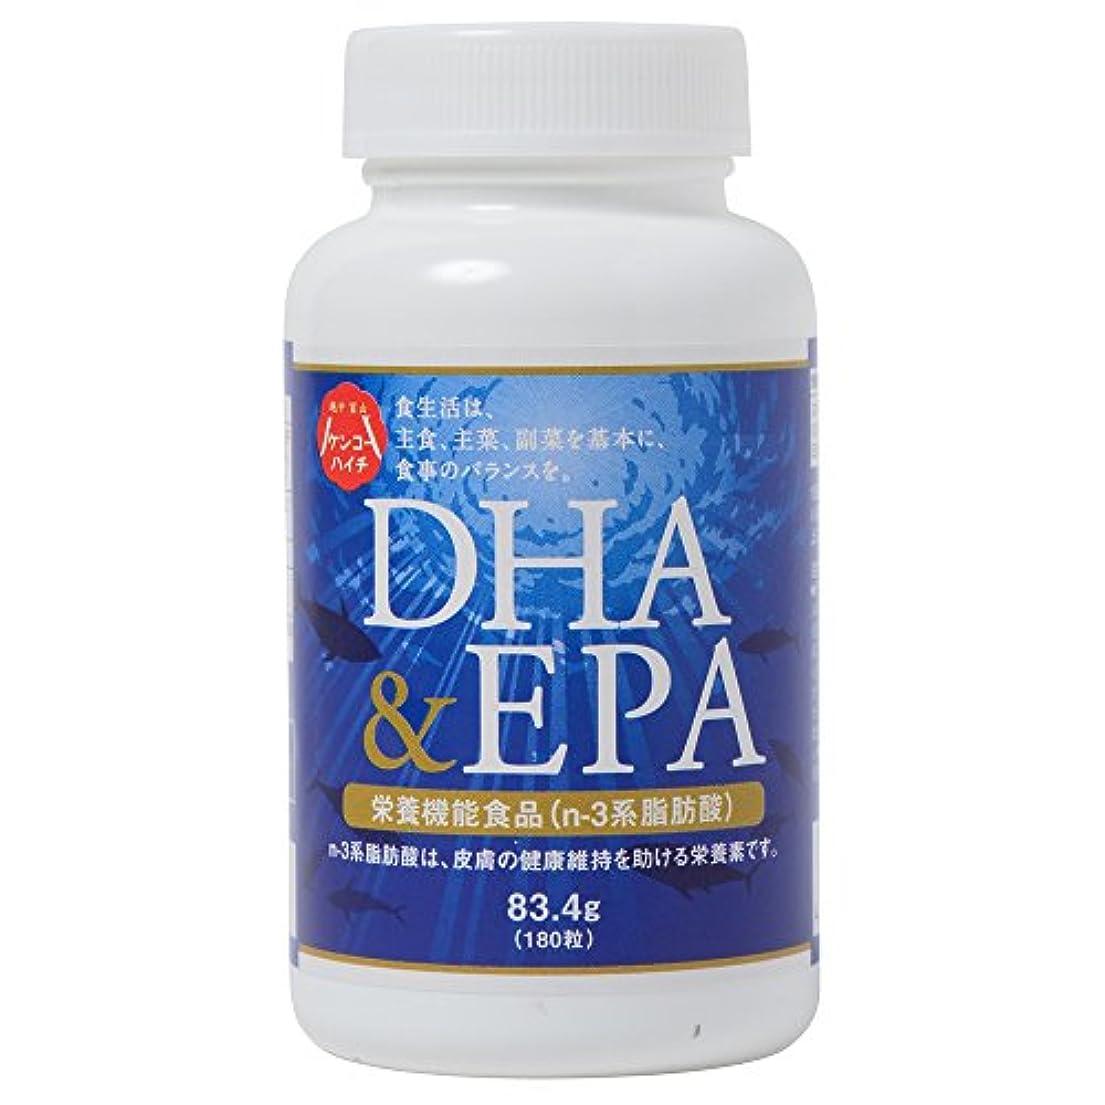 レンダークマノミ暖炉DHA&EPA